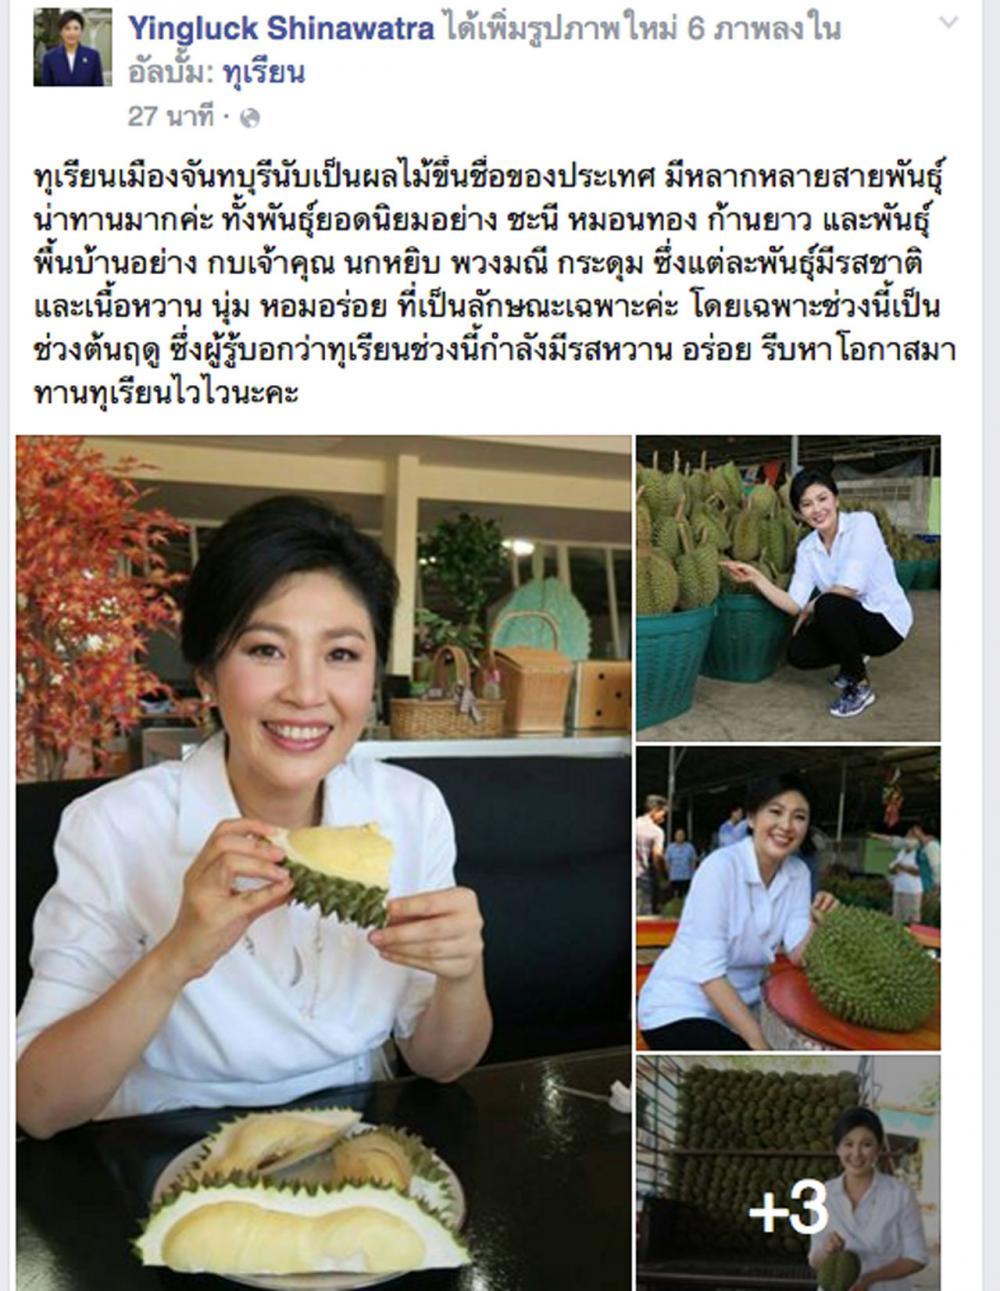 เฟซบุ๊ก Yingiuck Shinawatra